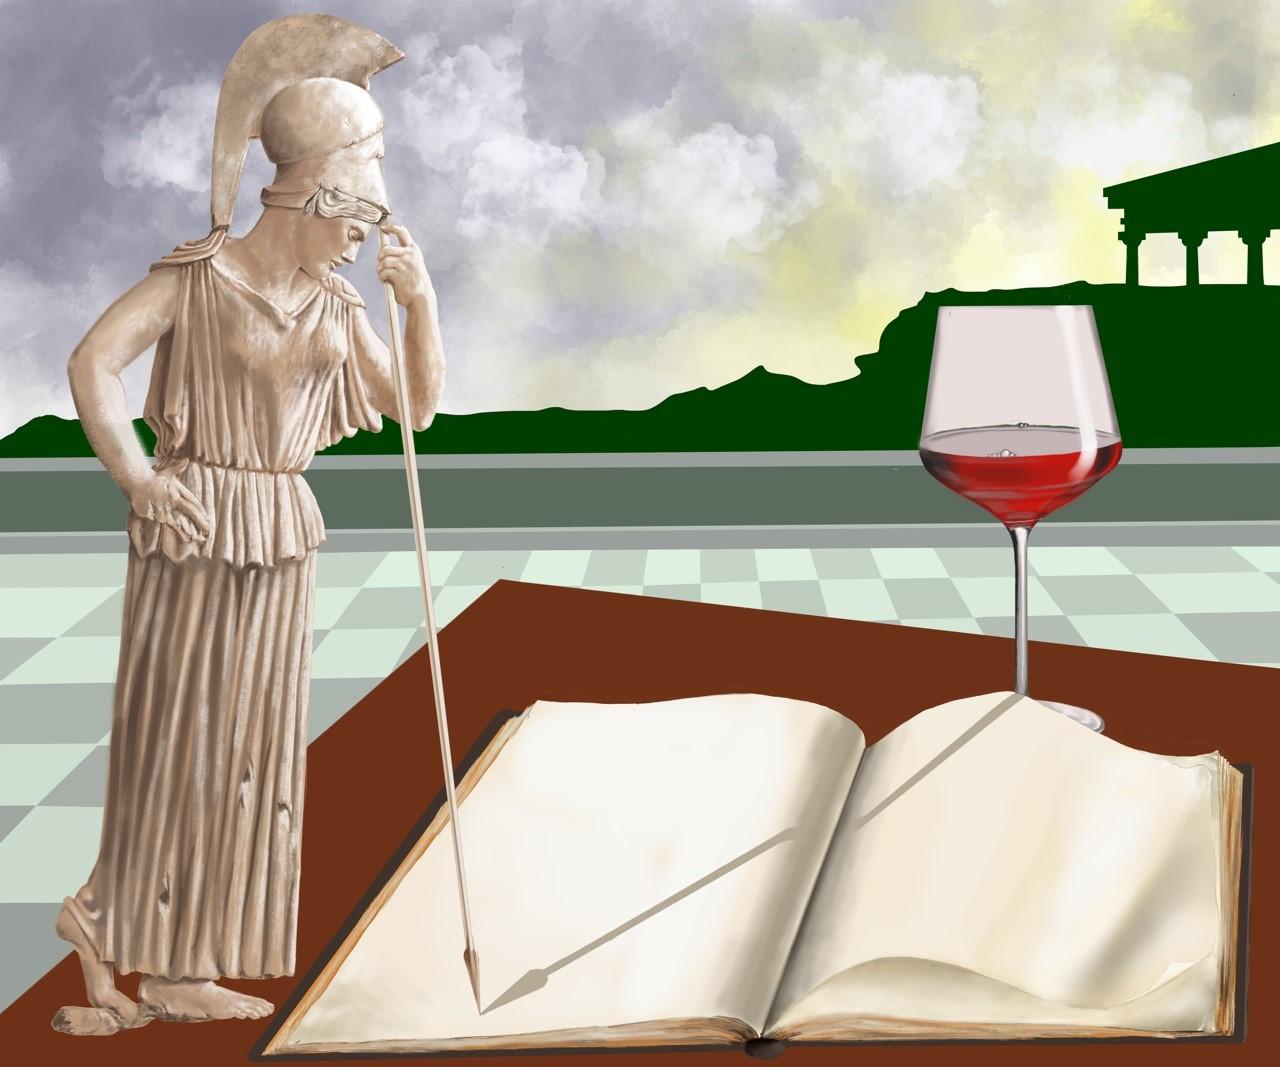 """MOSTRE Il filosofo Umberto Galimberti alla inaugurazione della mostra  """"Pittura 4.0"""" E' arte anche con il pennello elettronico? """"Solo se ad  ispirare è la follia divina"""" - Eventi Culturali Magazine"""